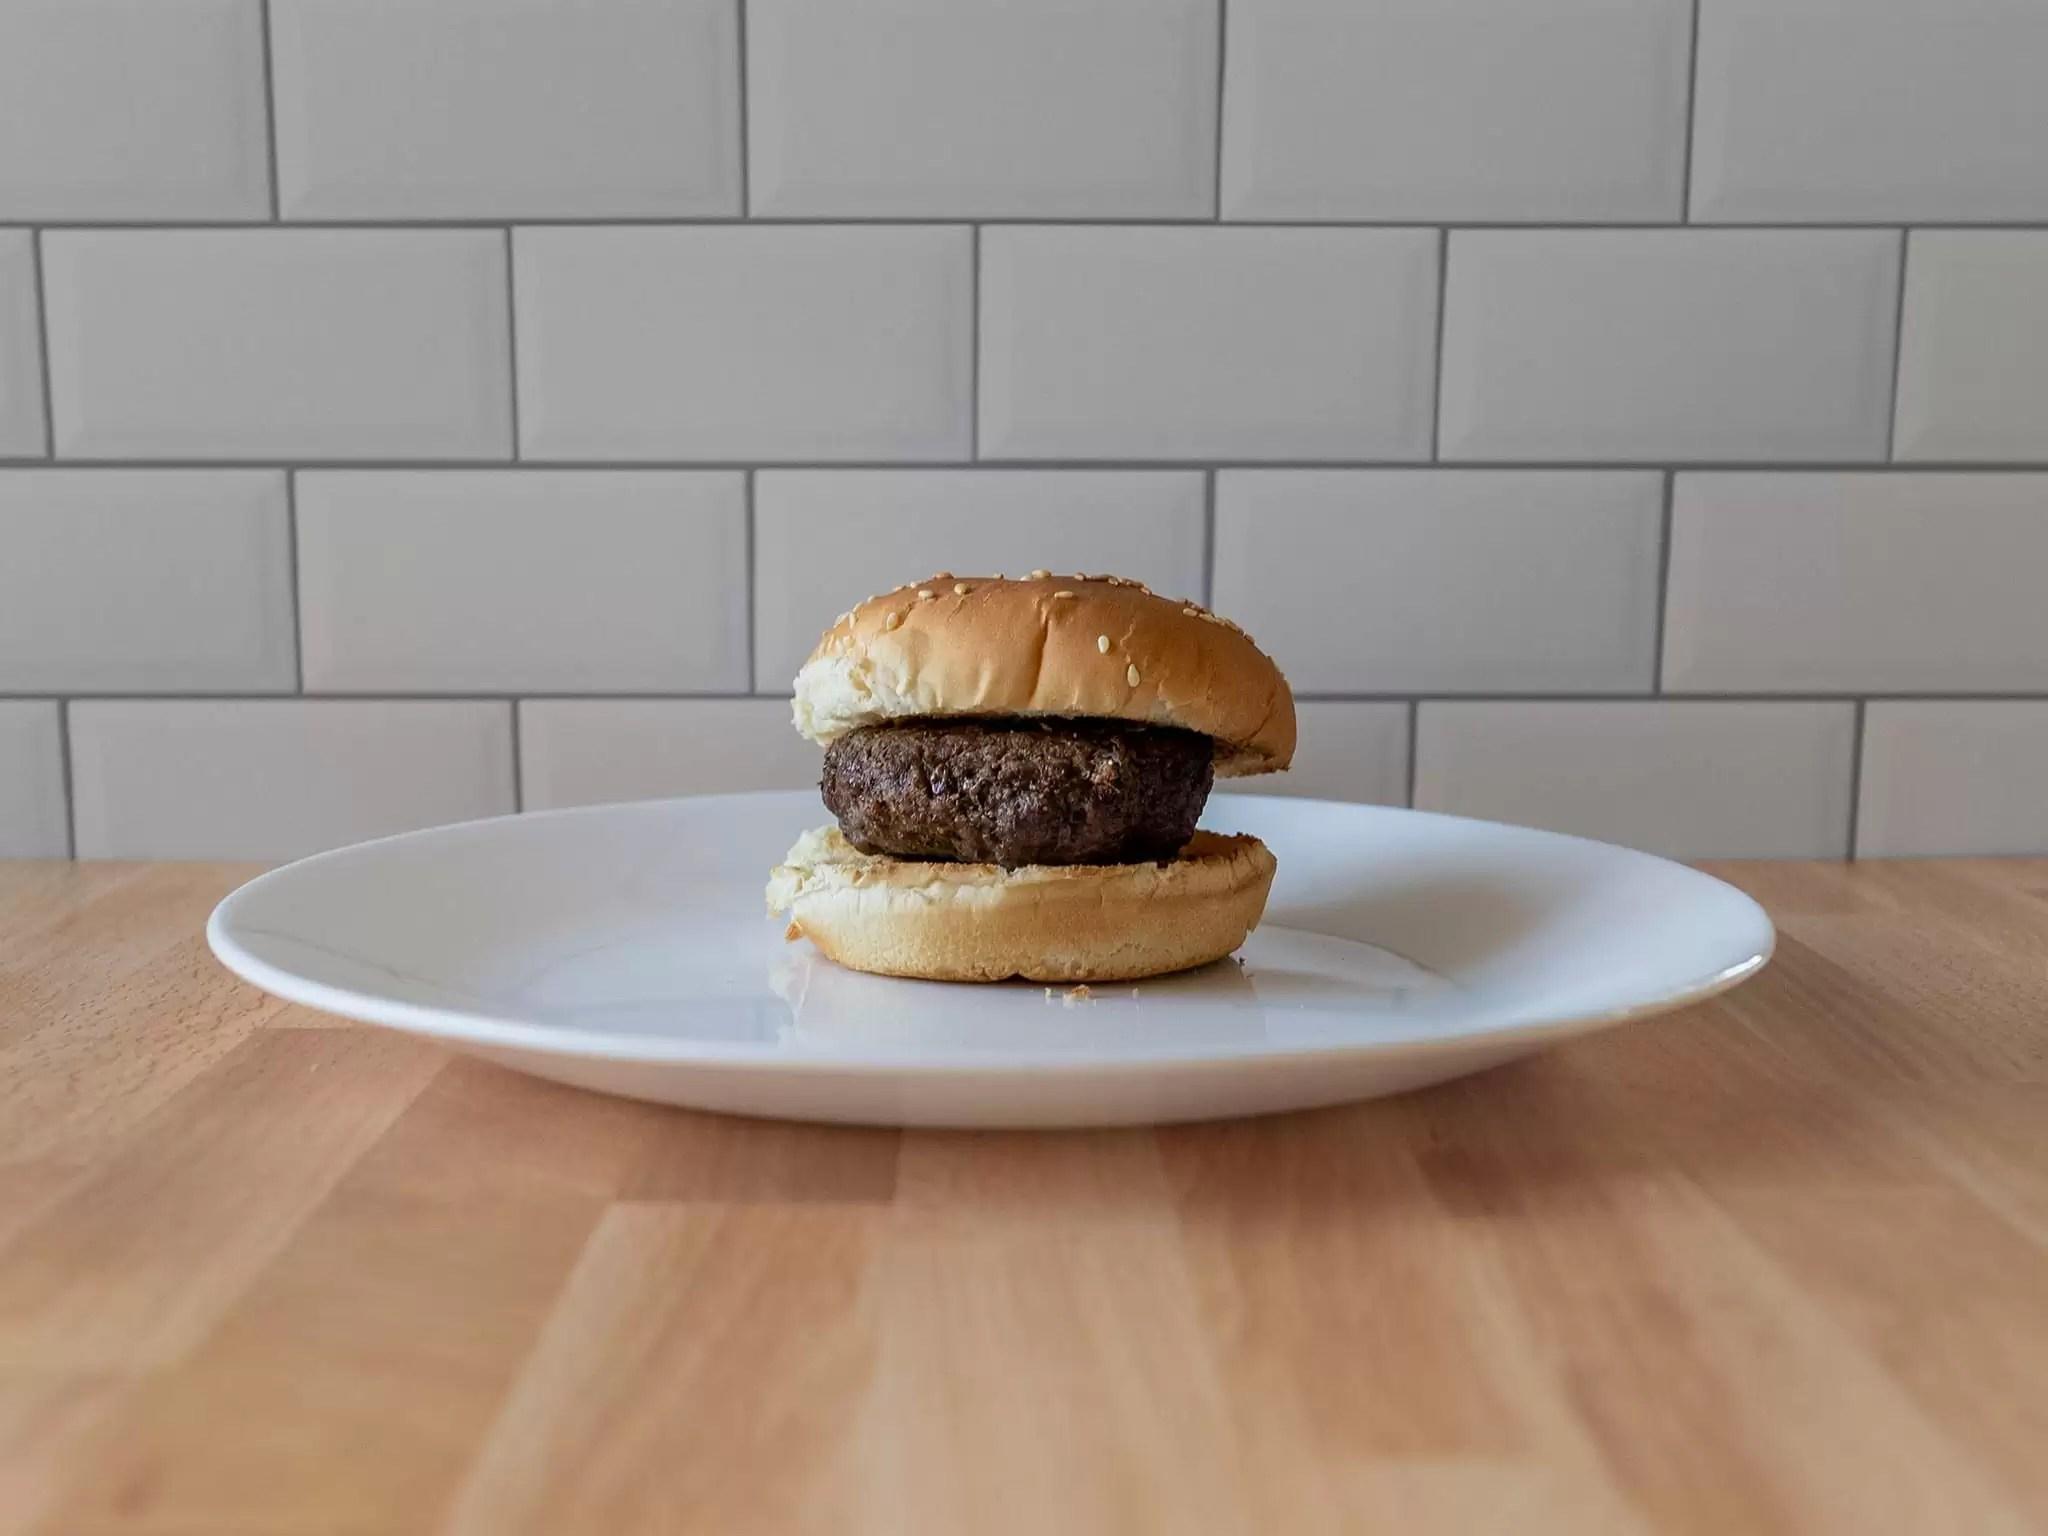 Air fried quarter pound burger